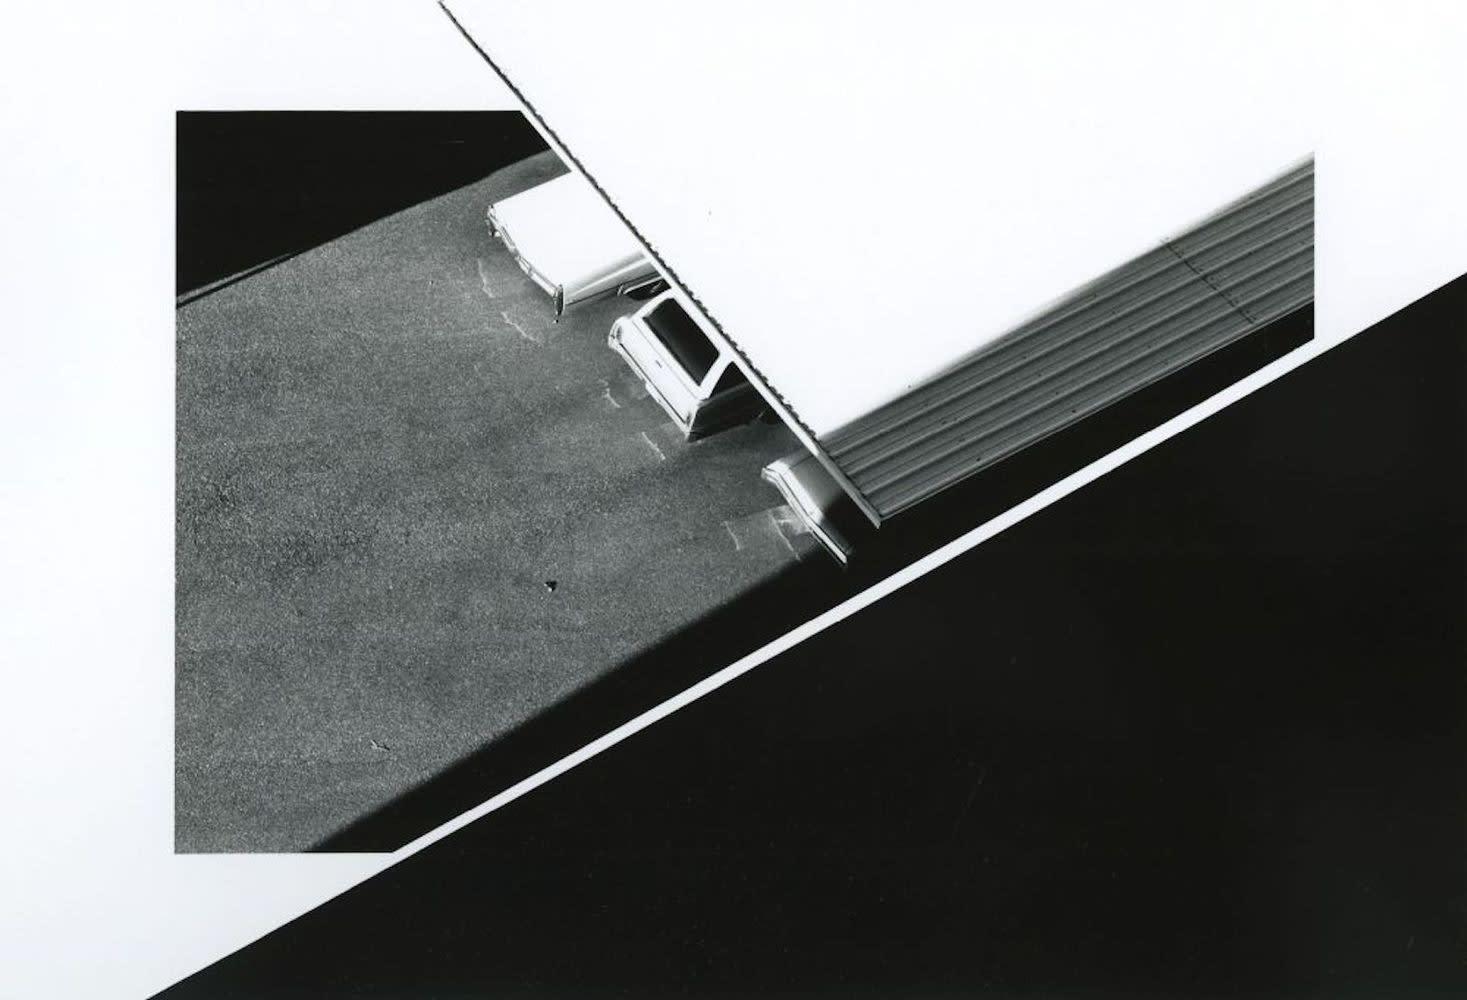 Ray K. Metzker Albuquerque, New Mexico Tirage gélatino-argentique d'époque, réalisé par l'artiste 17 x 21,5 cm Dim. papier: 27,8 x 35,5 cm